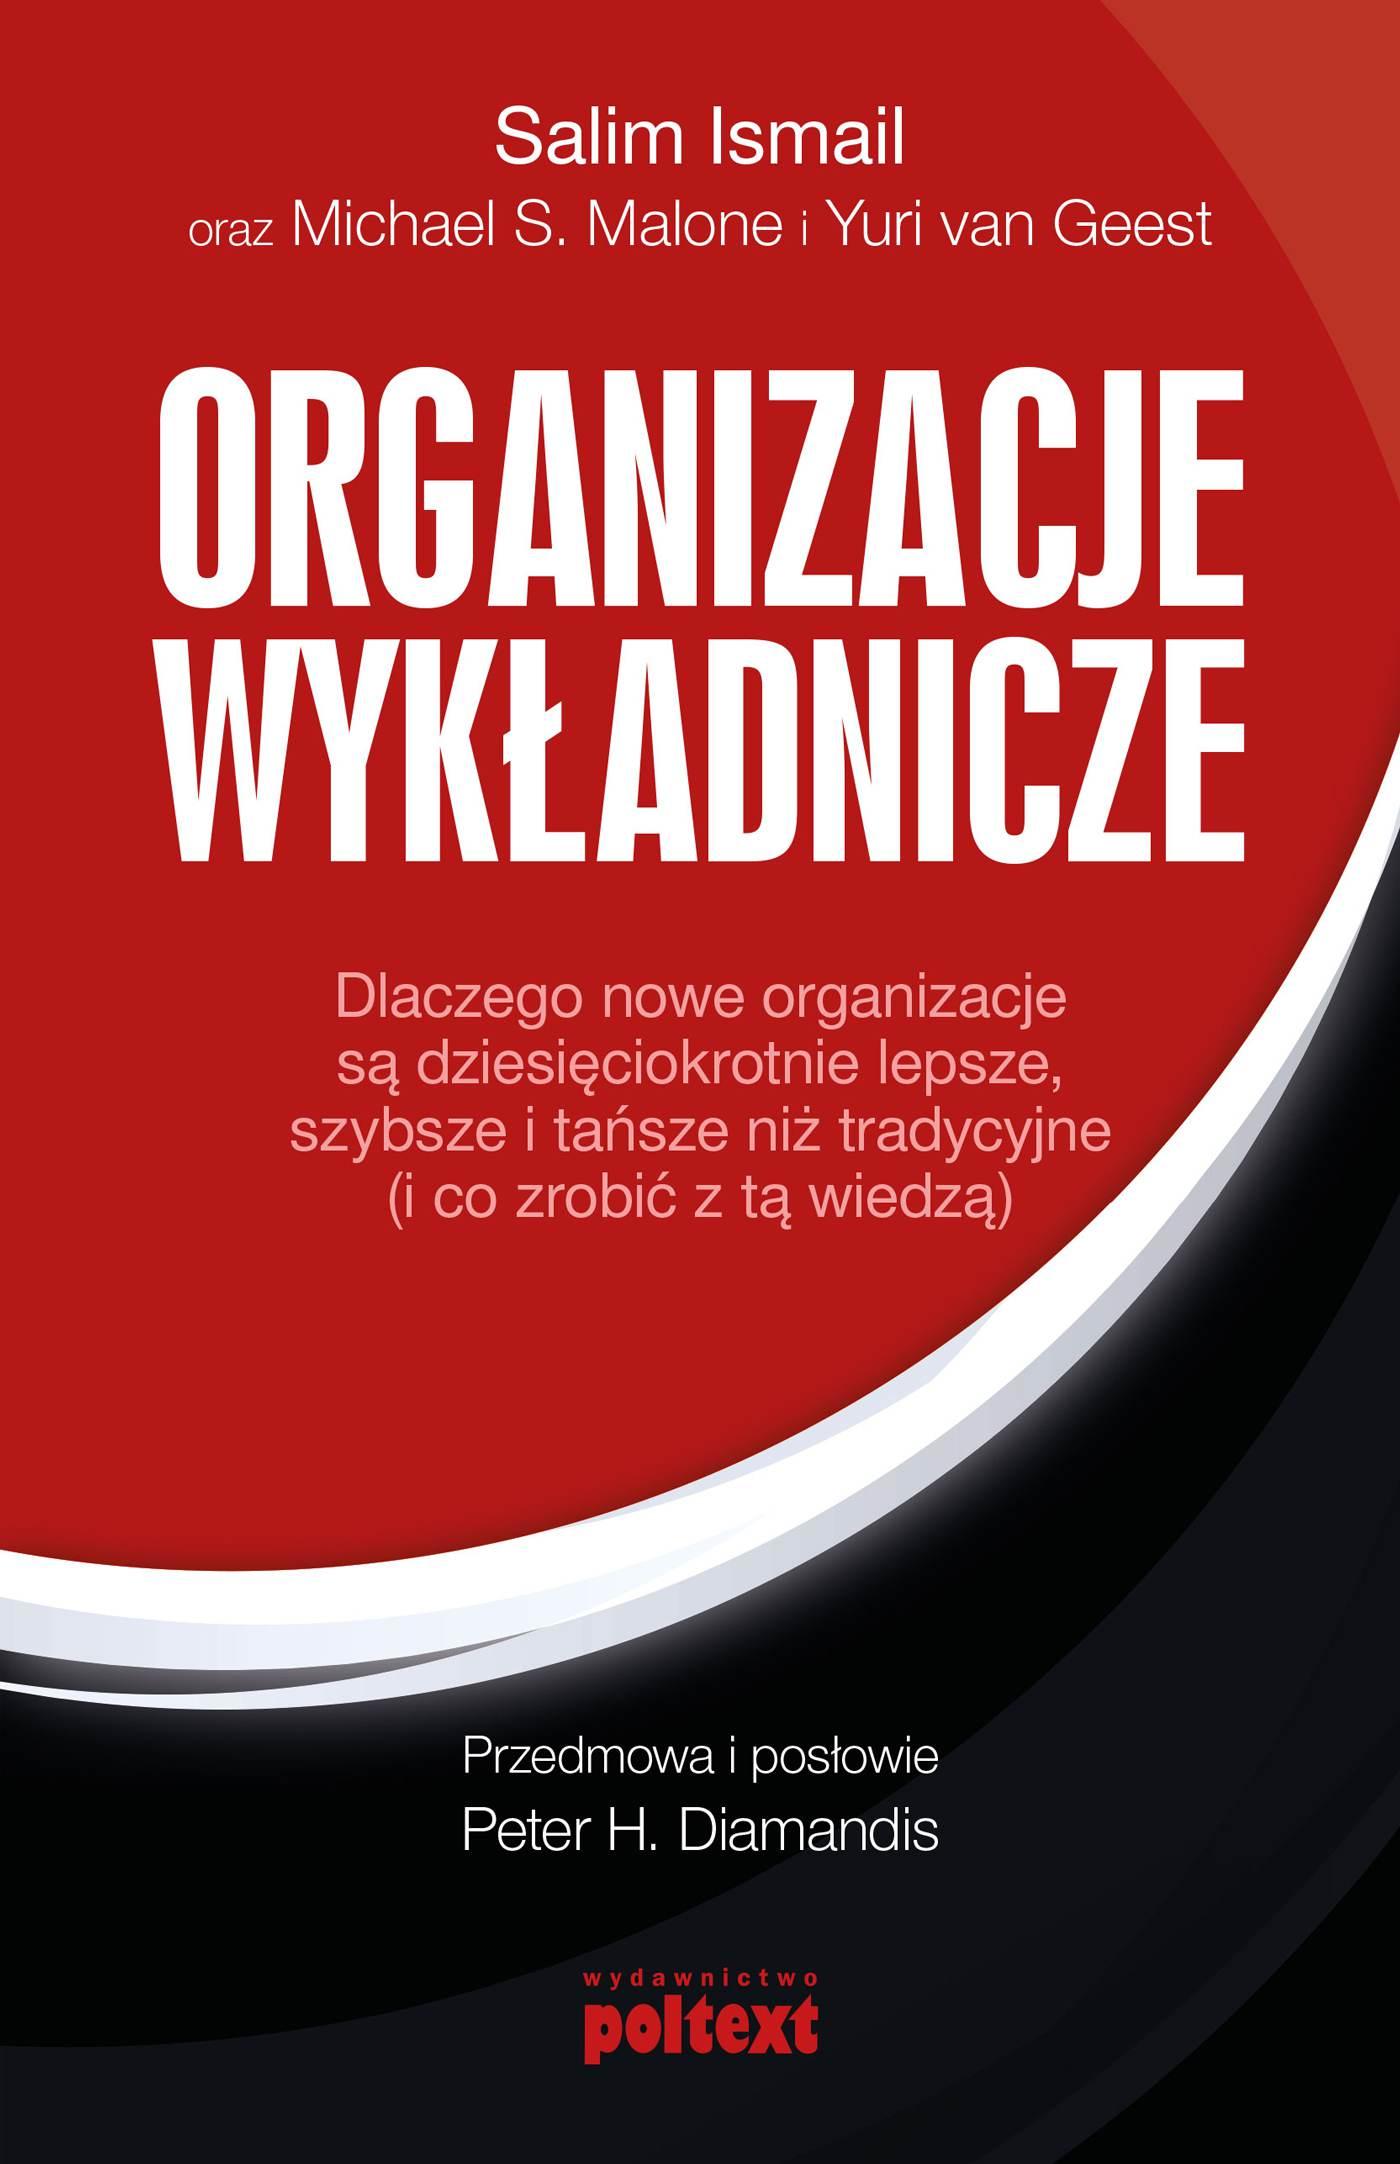 Organizacje wykładnicze - Ebook (Książka PDF) do pobrania w formacie PDF